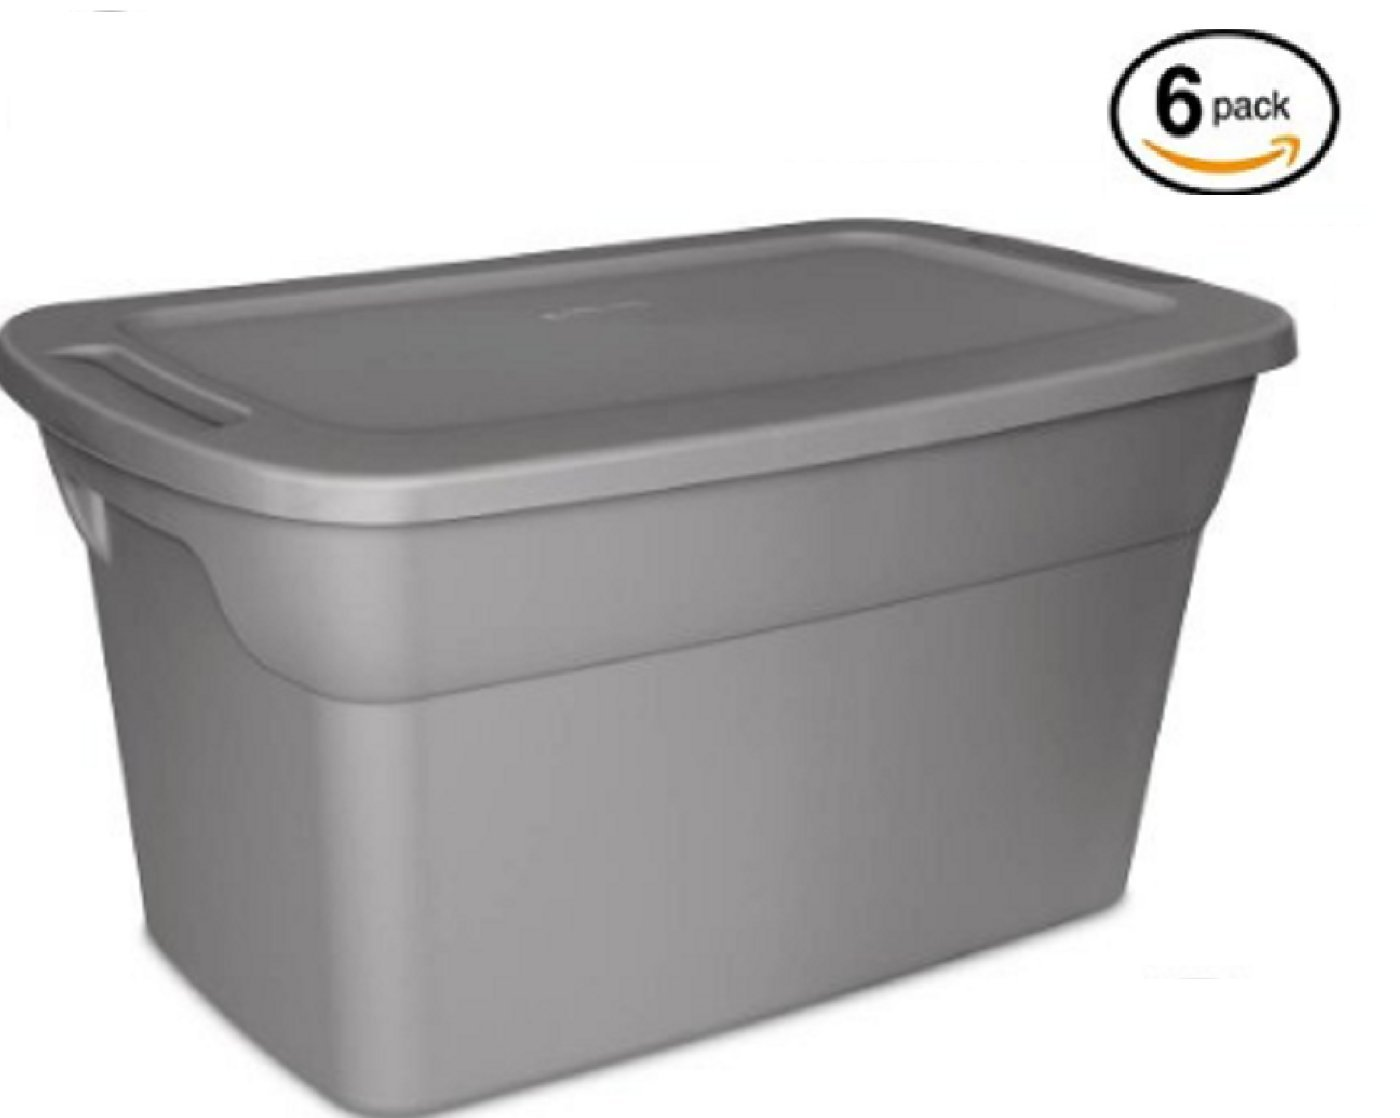 Sterilite 30 Gallon Tote Box- Steel- Case of 6 by STERILITE (Image #1)